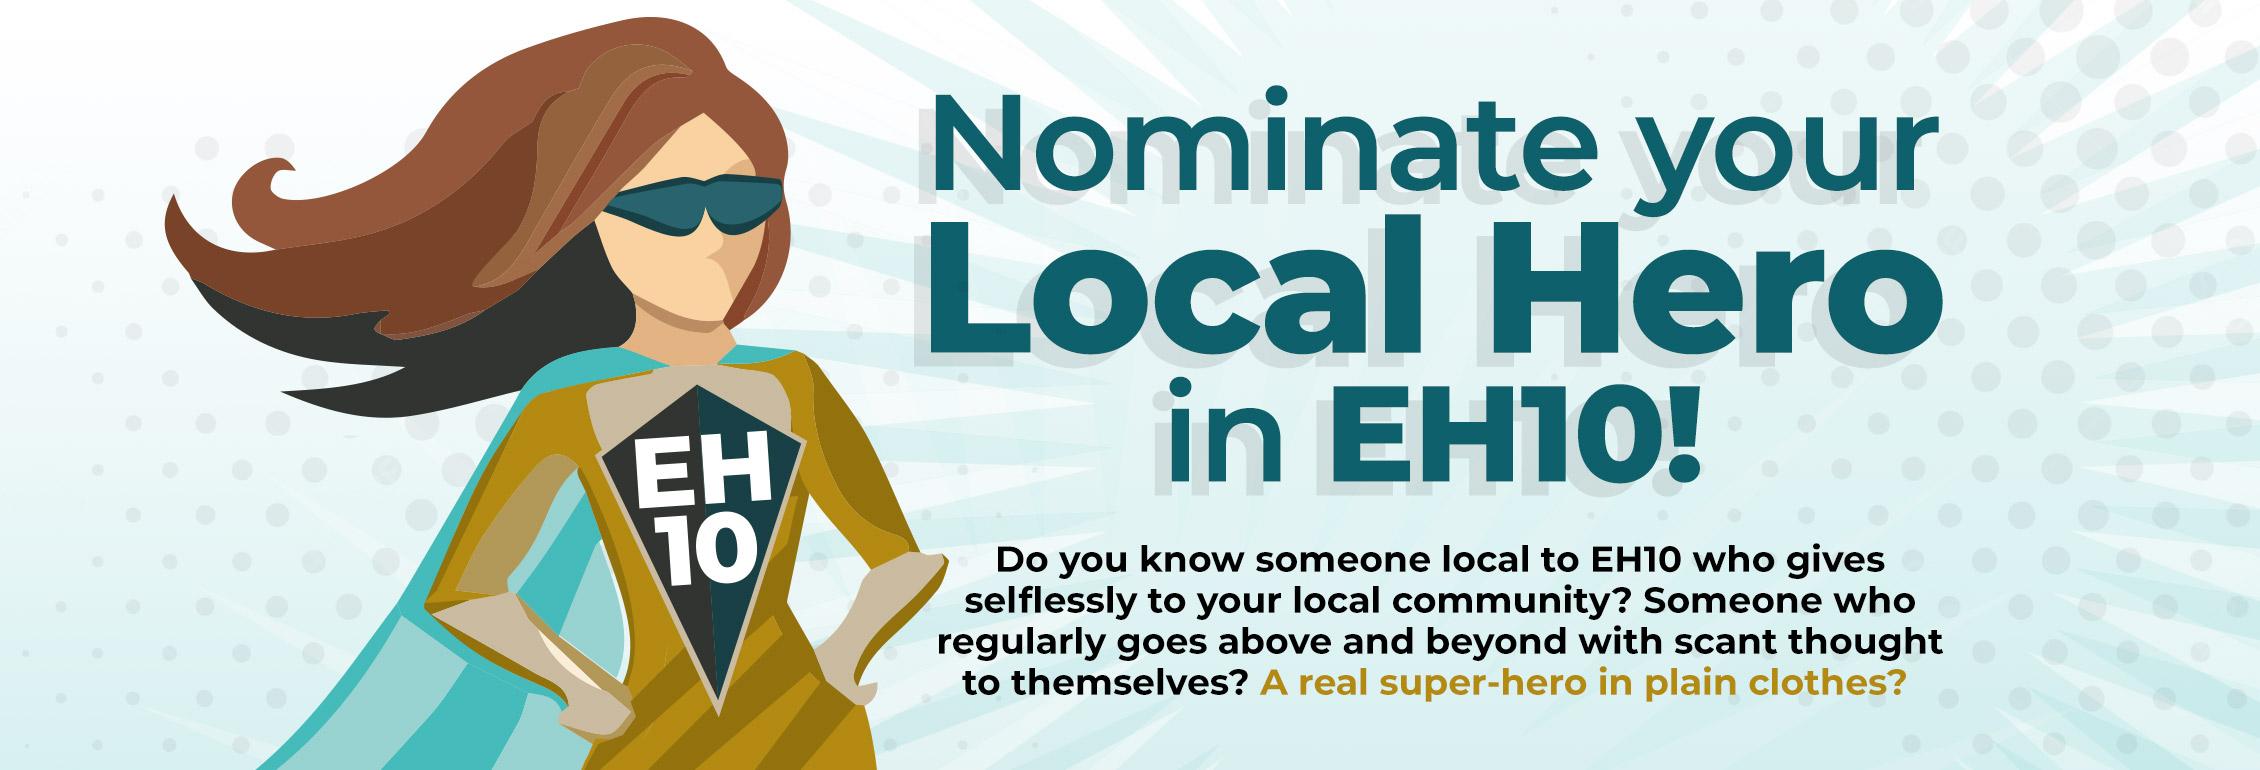 EH10 Local Hero